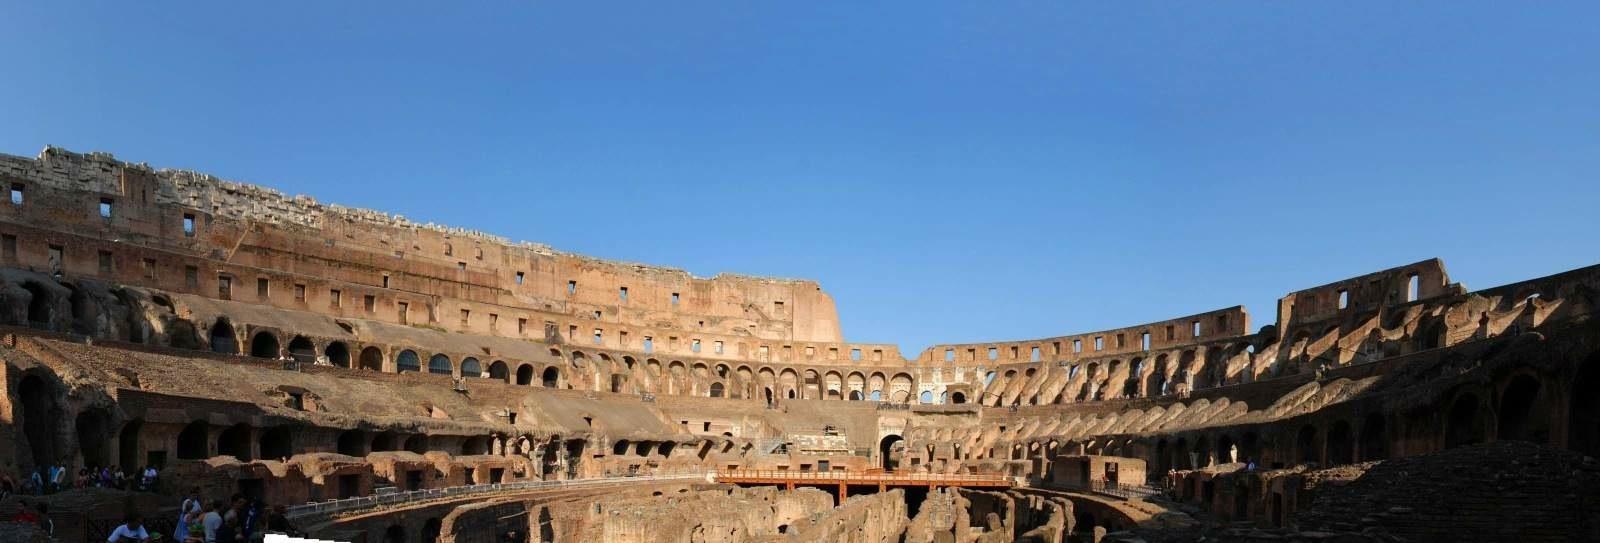 Roman Colosseum Panorama 3 2